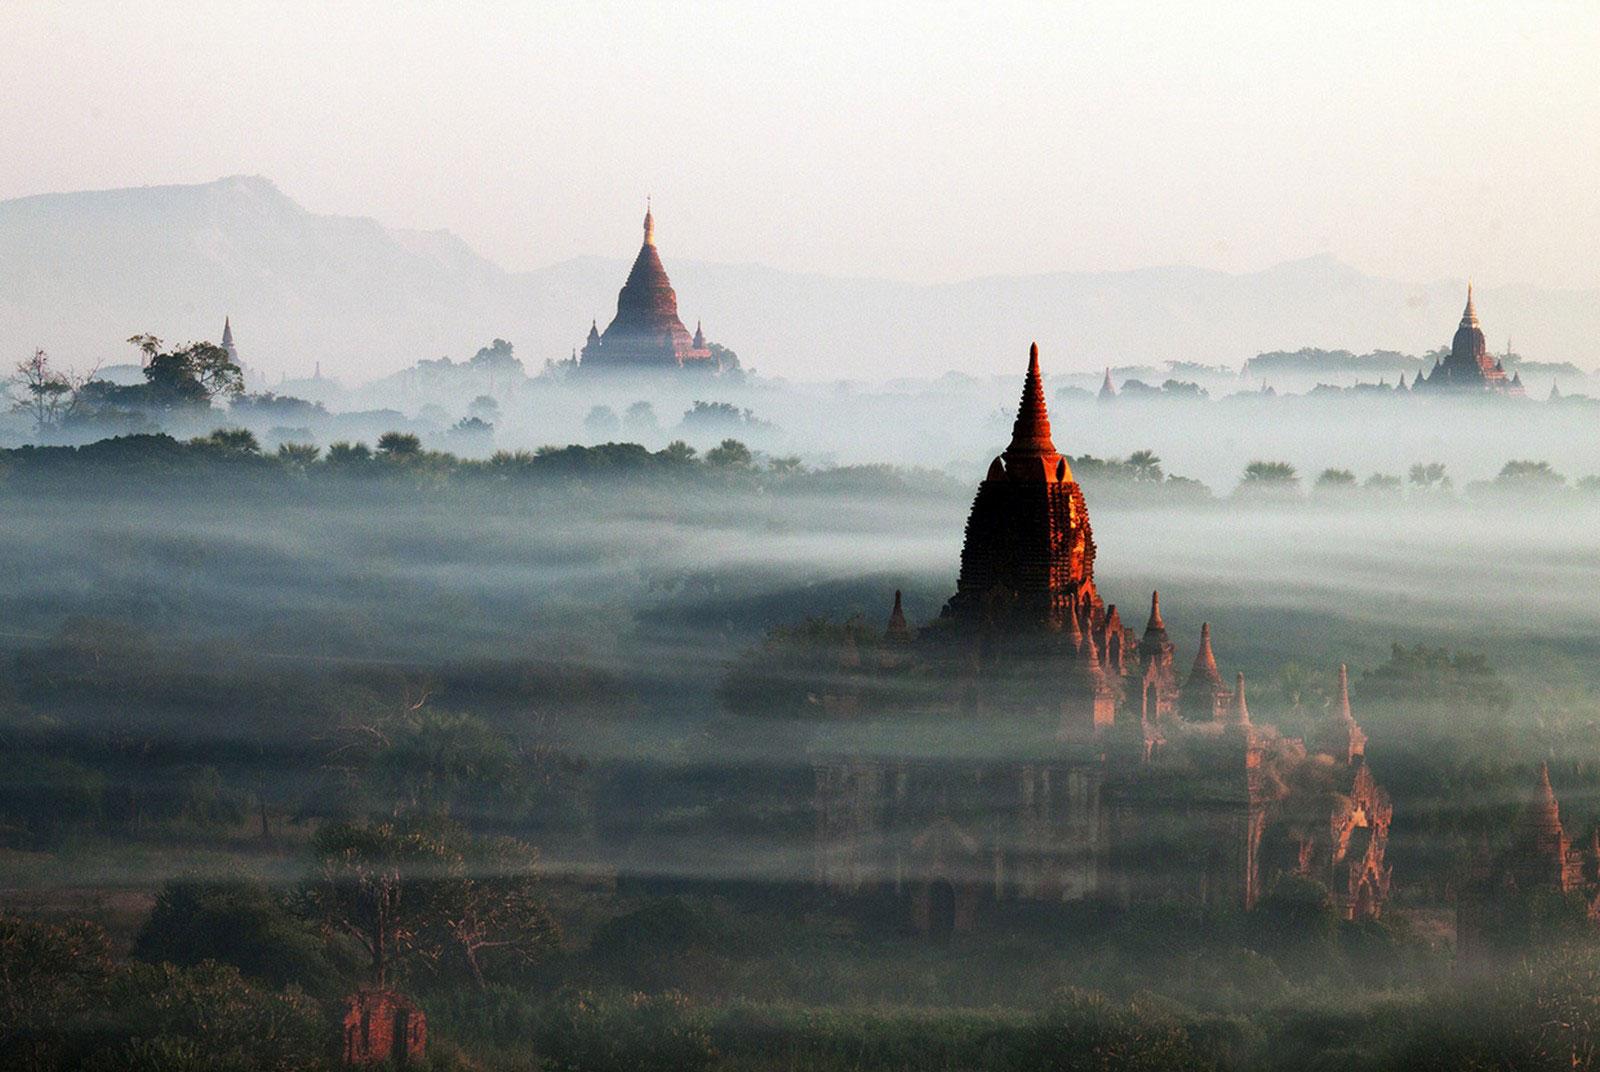 столица древней Мьянмы, финалист фотоконкурса